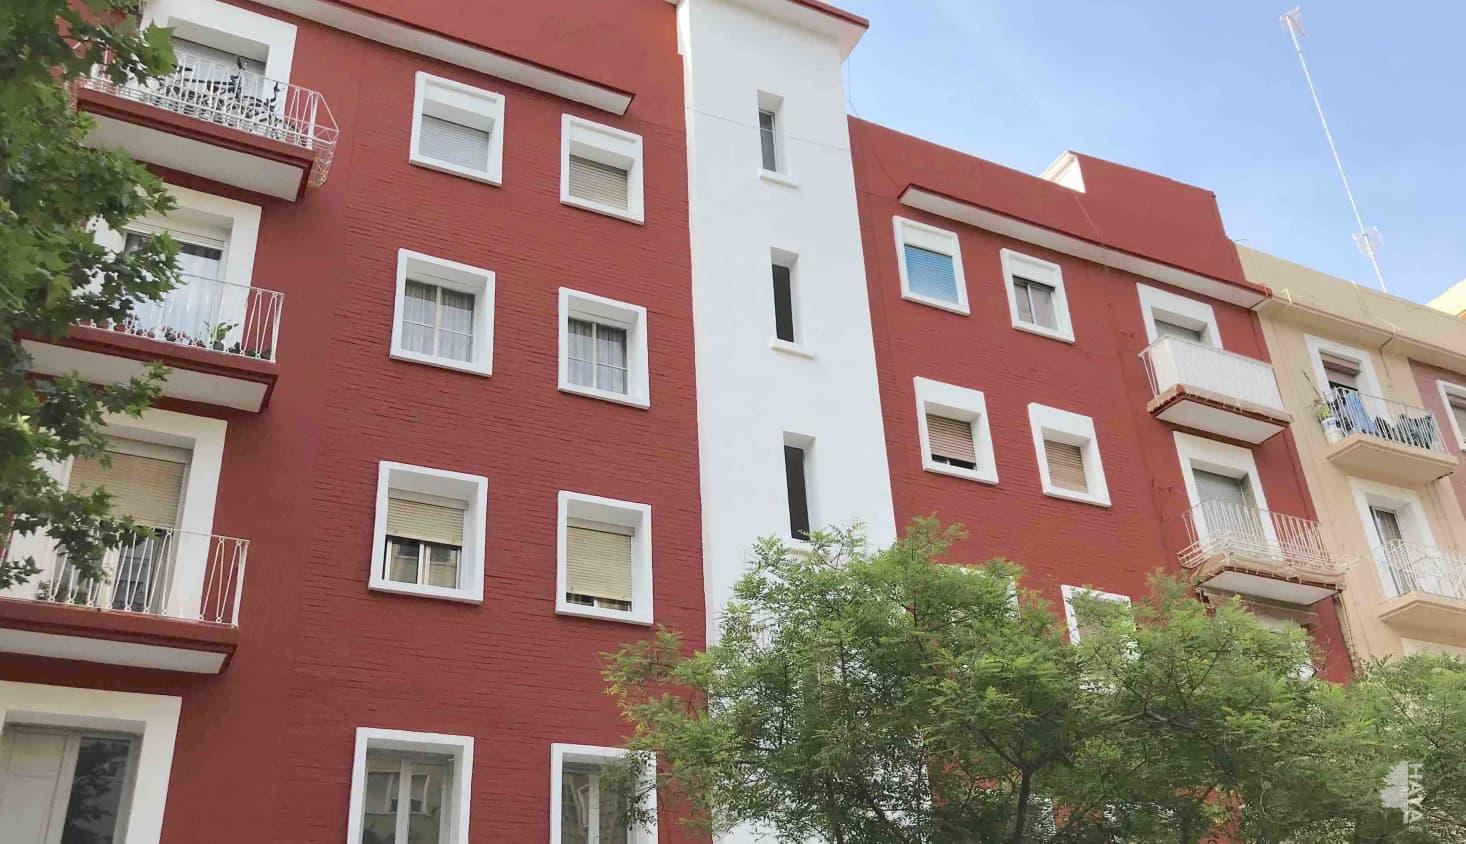 Piso en venta en L`olivereta, Valencia, Valencia, Calle Luz, 67.300 €, 4 habitaciones, 1 baño, 77 m2